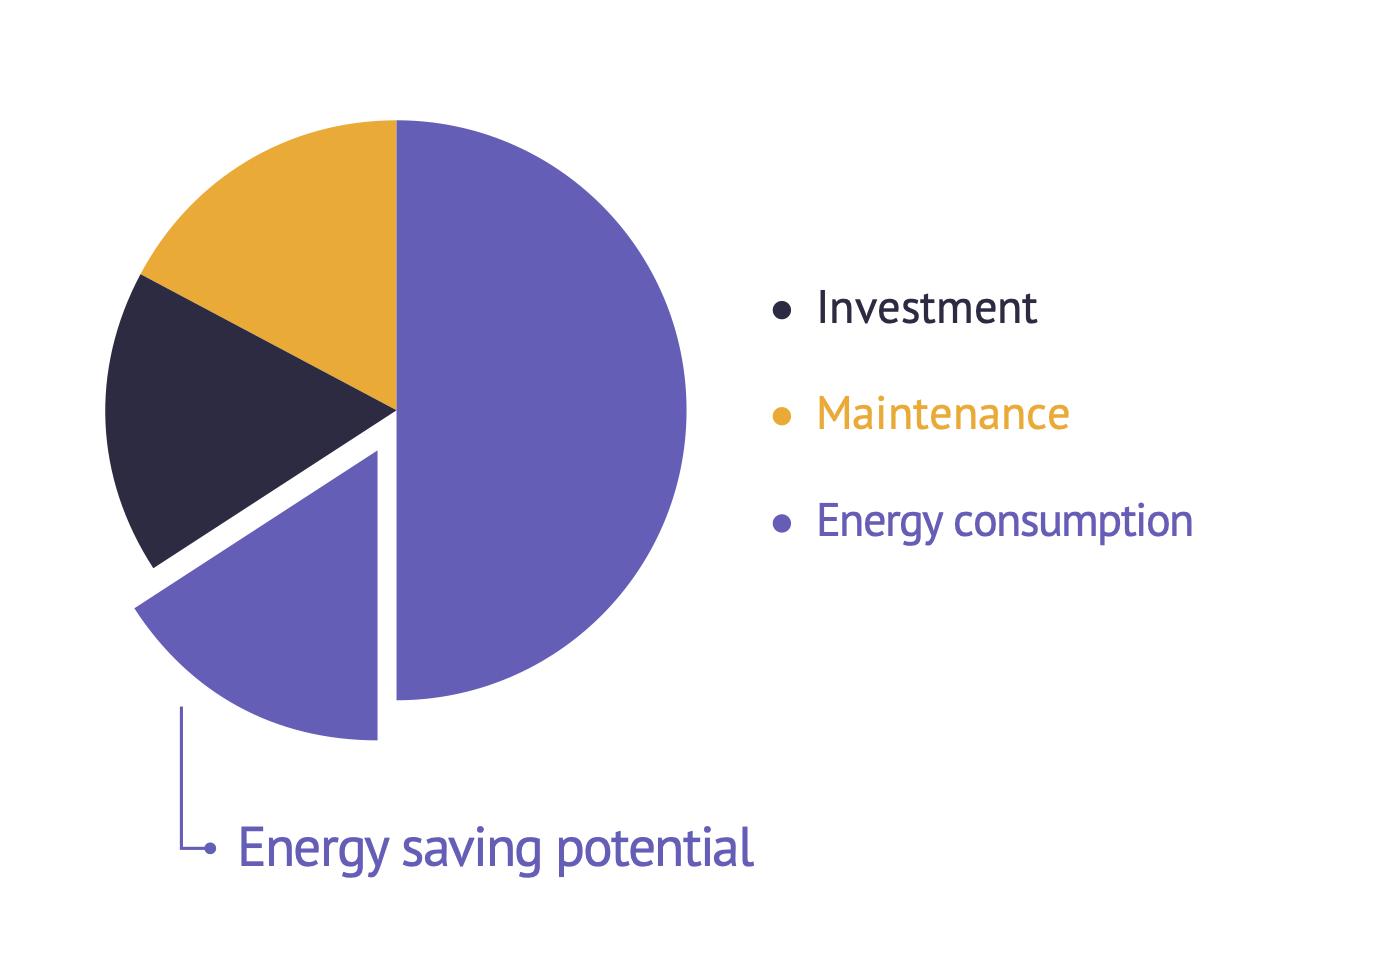 2020_Metron_Schema_Potentiel en matière d'économies d'énergievf